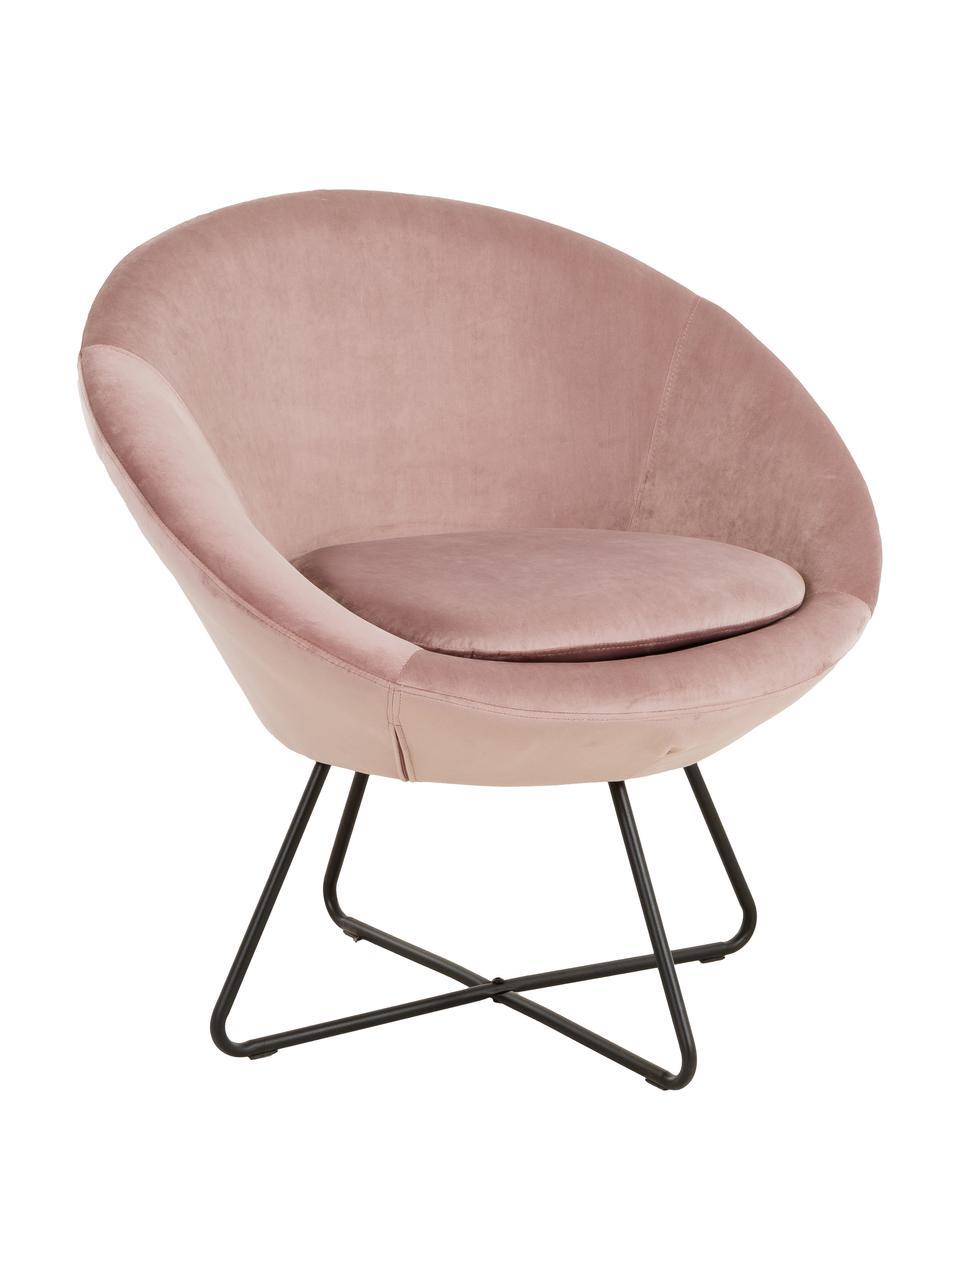 Poltrona in velluto rosa cipria Center, Rivestimento: velluto di poliestere Con, Gambe: metallo verniciato a polv, Velluto rosa cipria, Larg. 82 x Alt. 71 cm